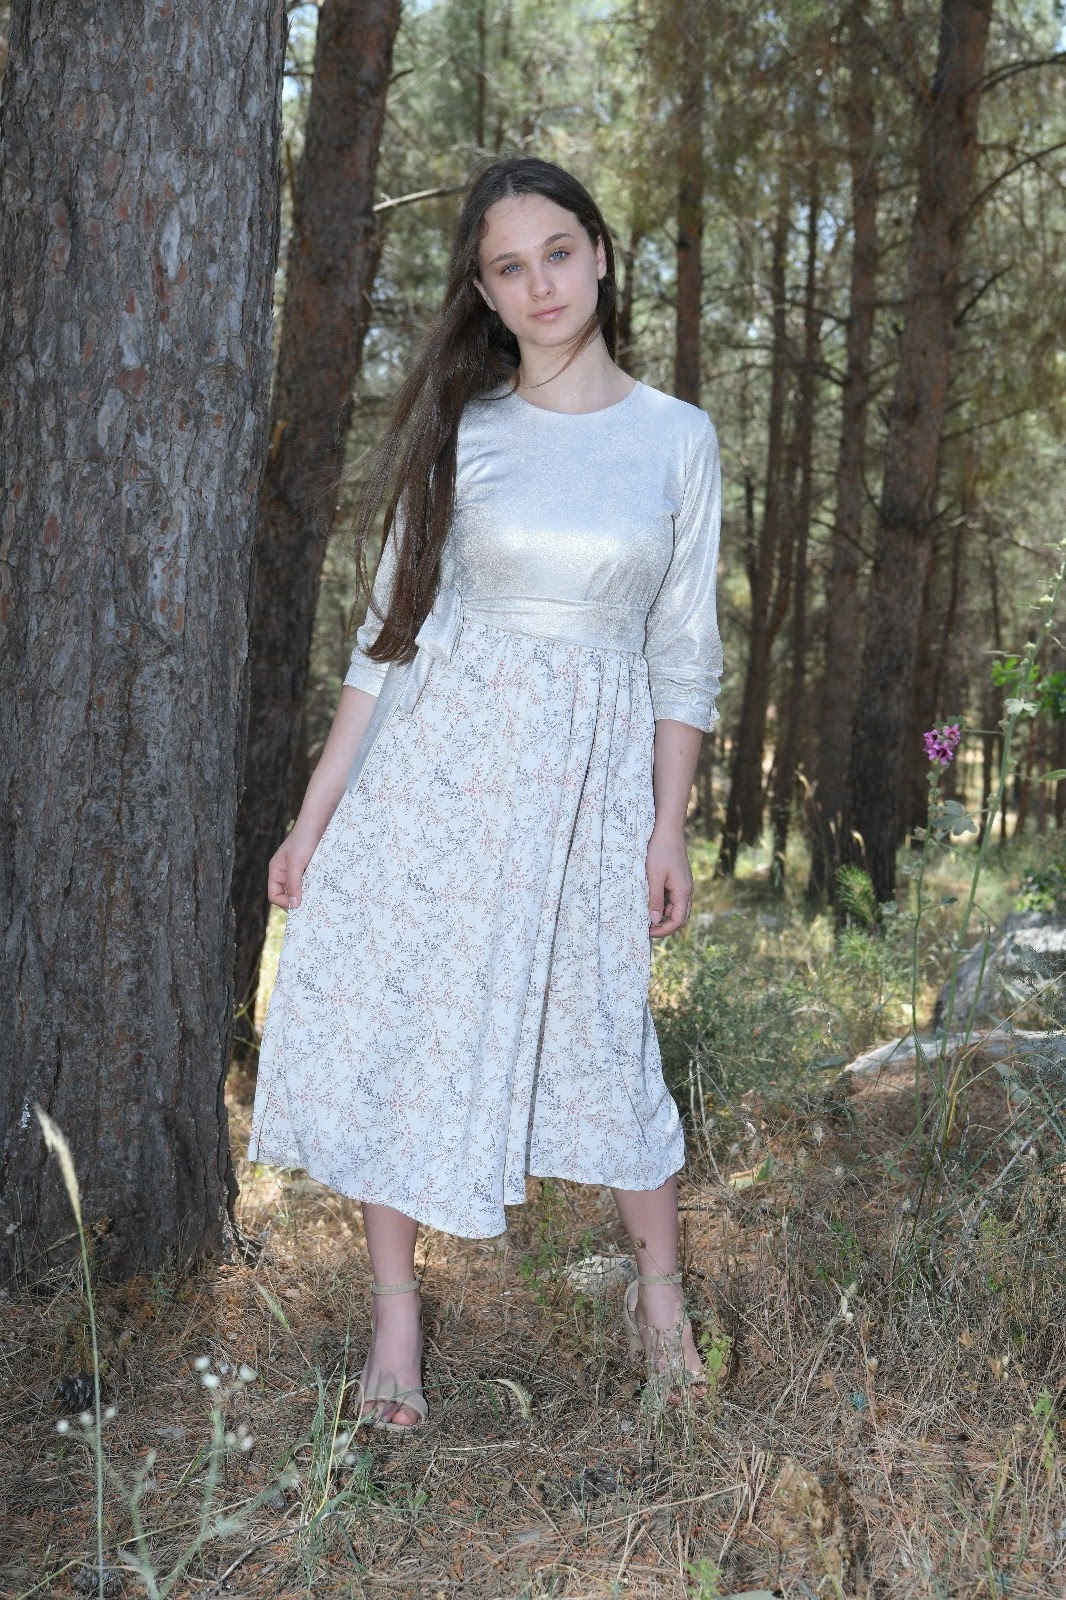 שמלת ורד נערות חלק עליון פנינה -שמנת חלק תחתון רקע שמנת עלים עדינים בורוד ותכלת